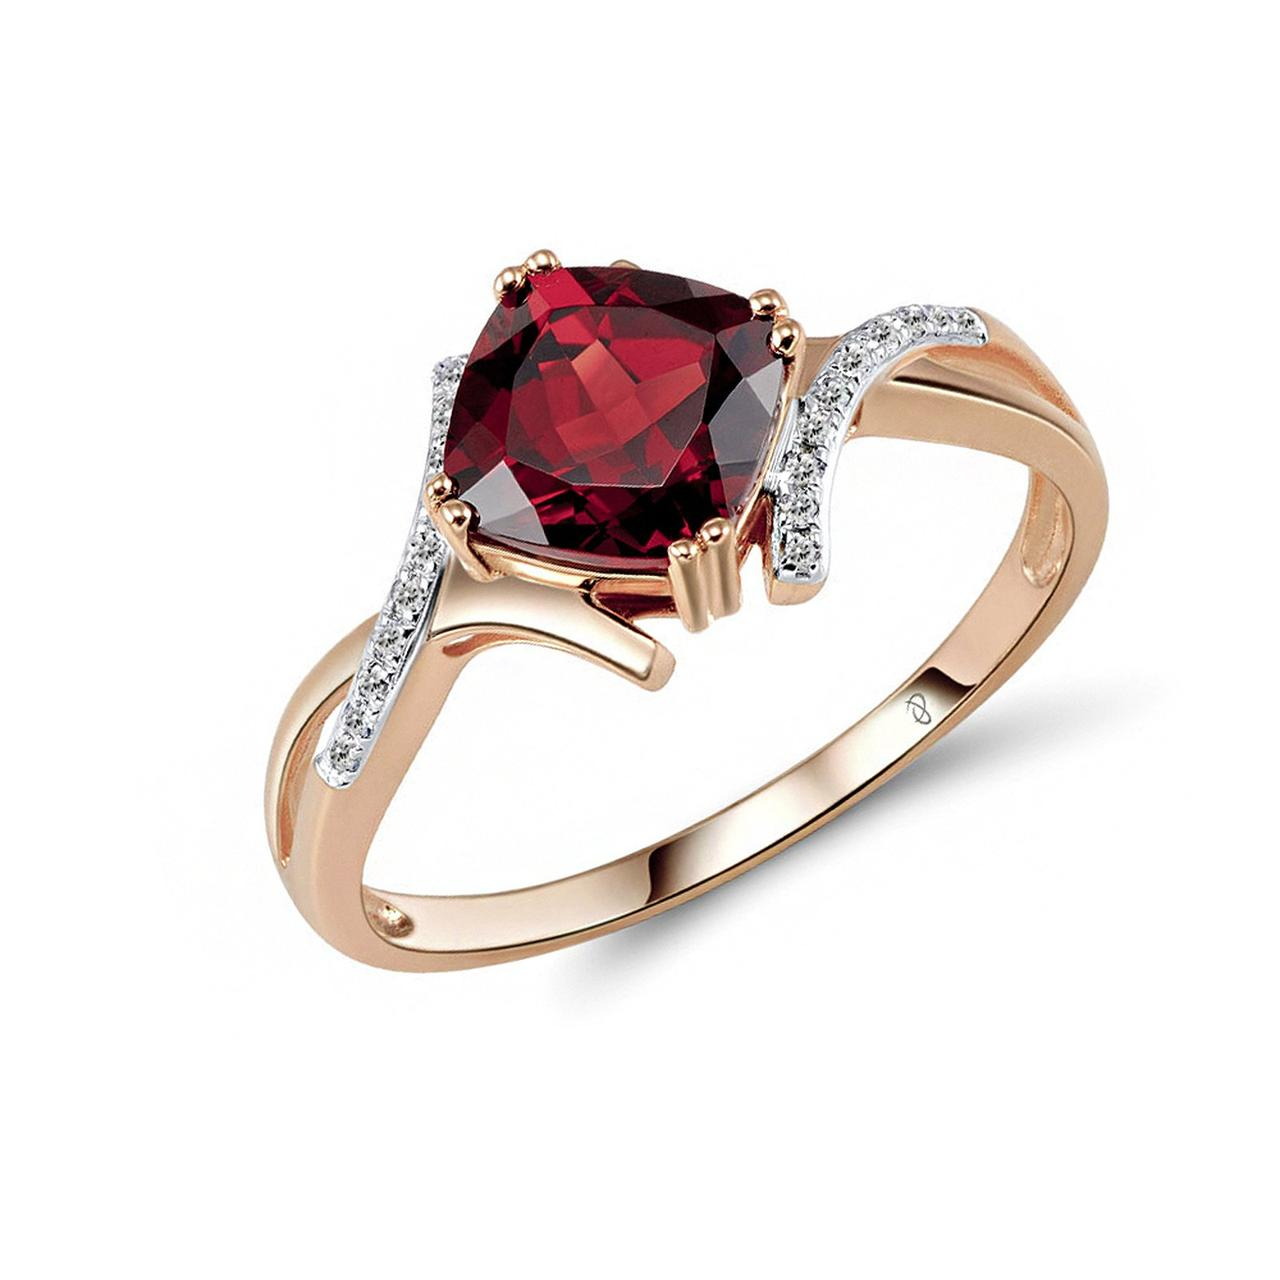 Золотое кольцо с бриллиантами и гранатом, размер 17 (1551692)